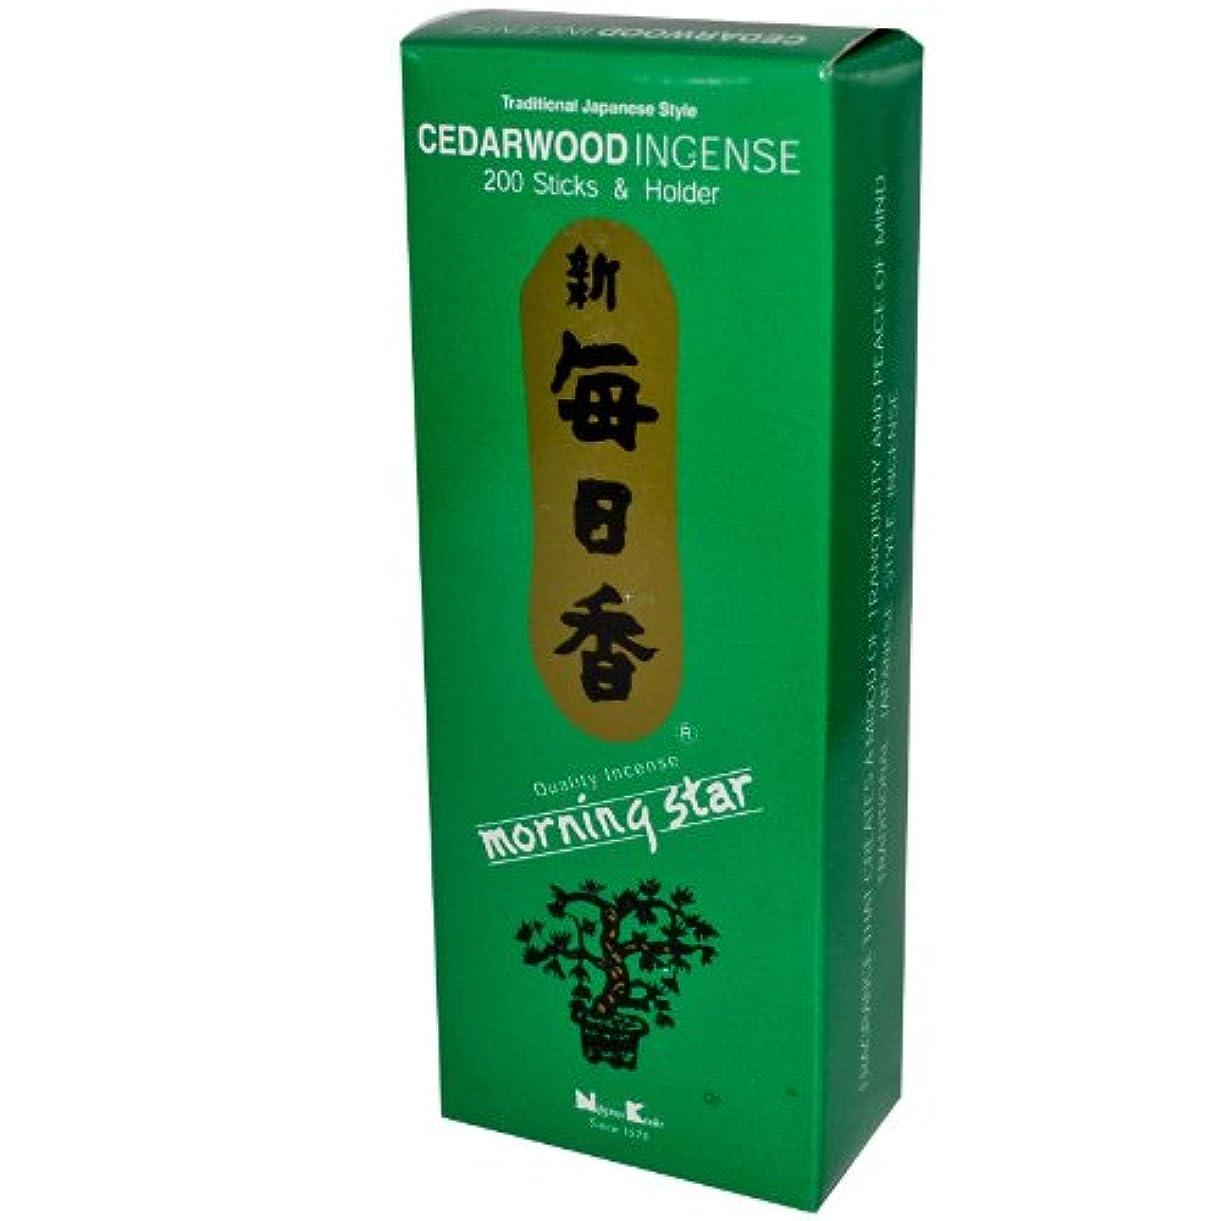 ハッチ関与する緊急(1, Green) - Morning Star, Cedarwood Incense, 200 Sticks & Holder